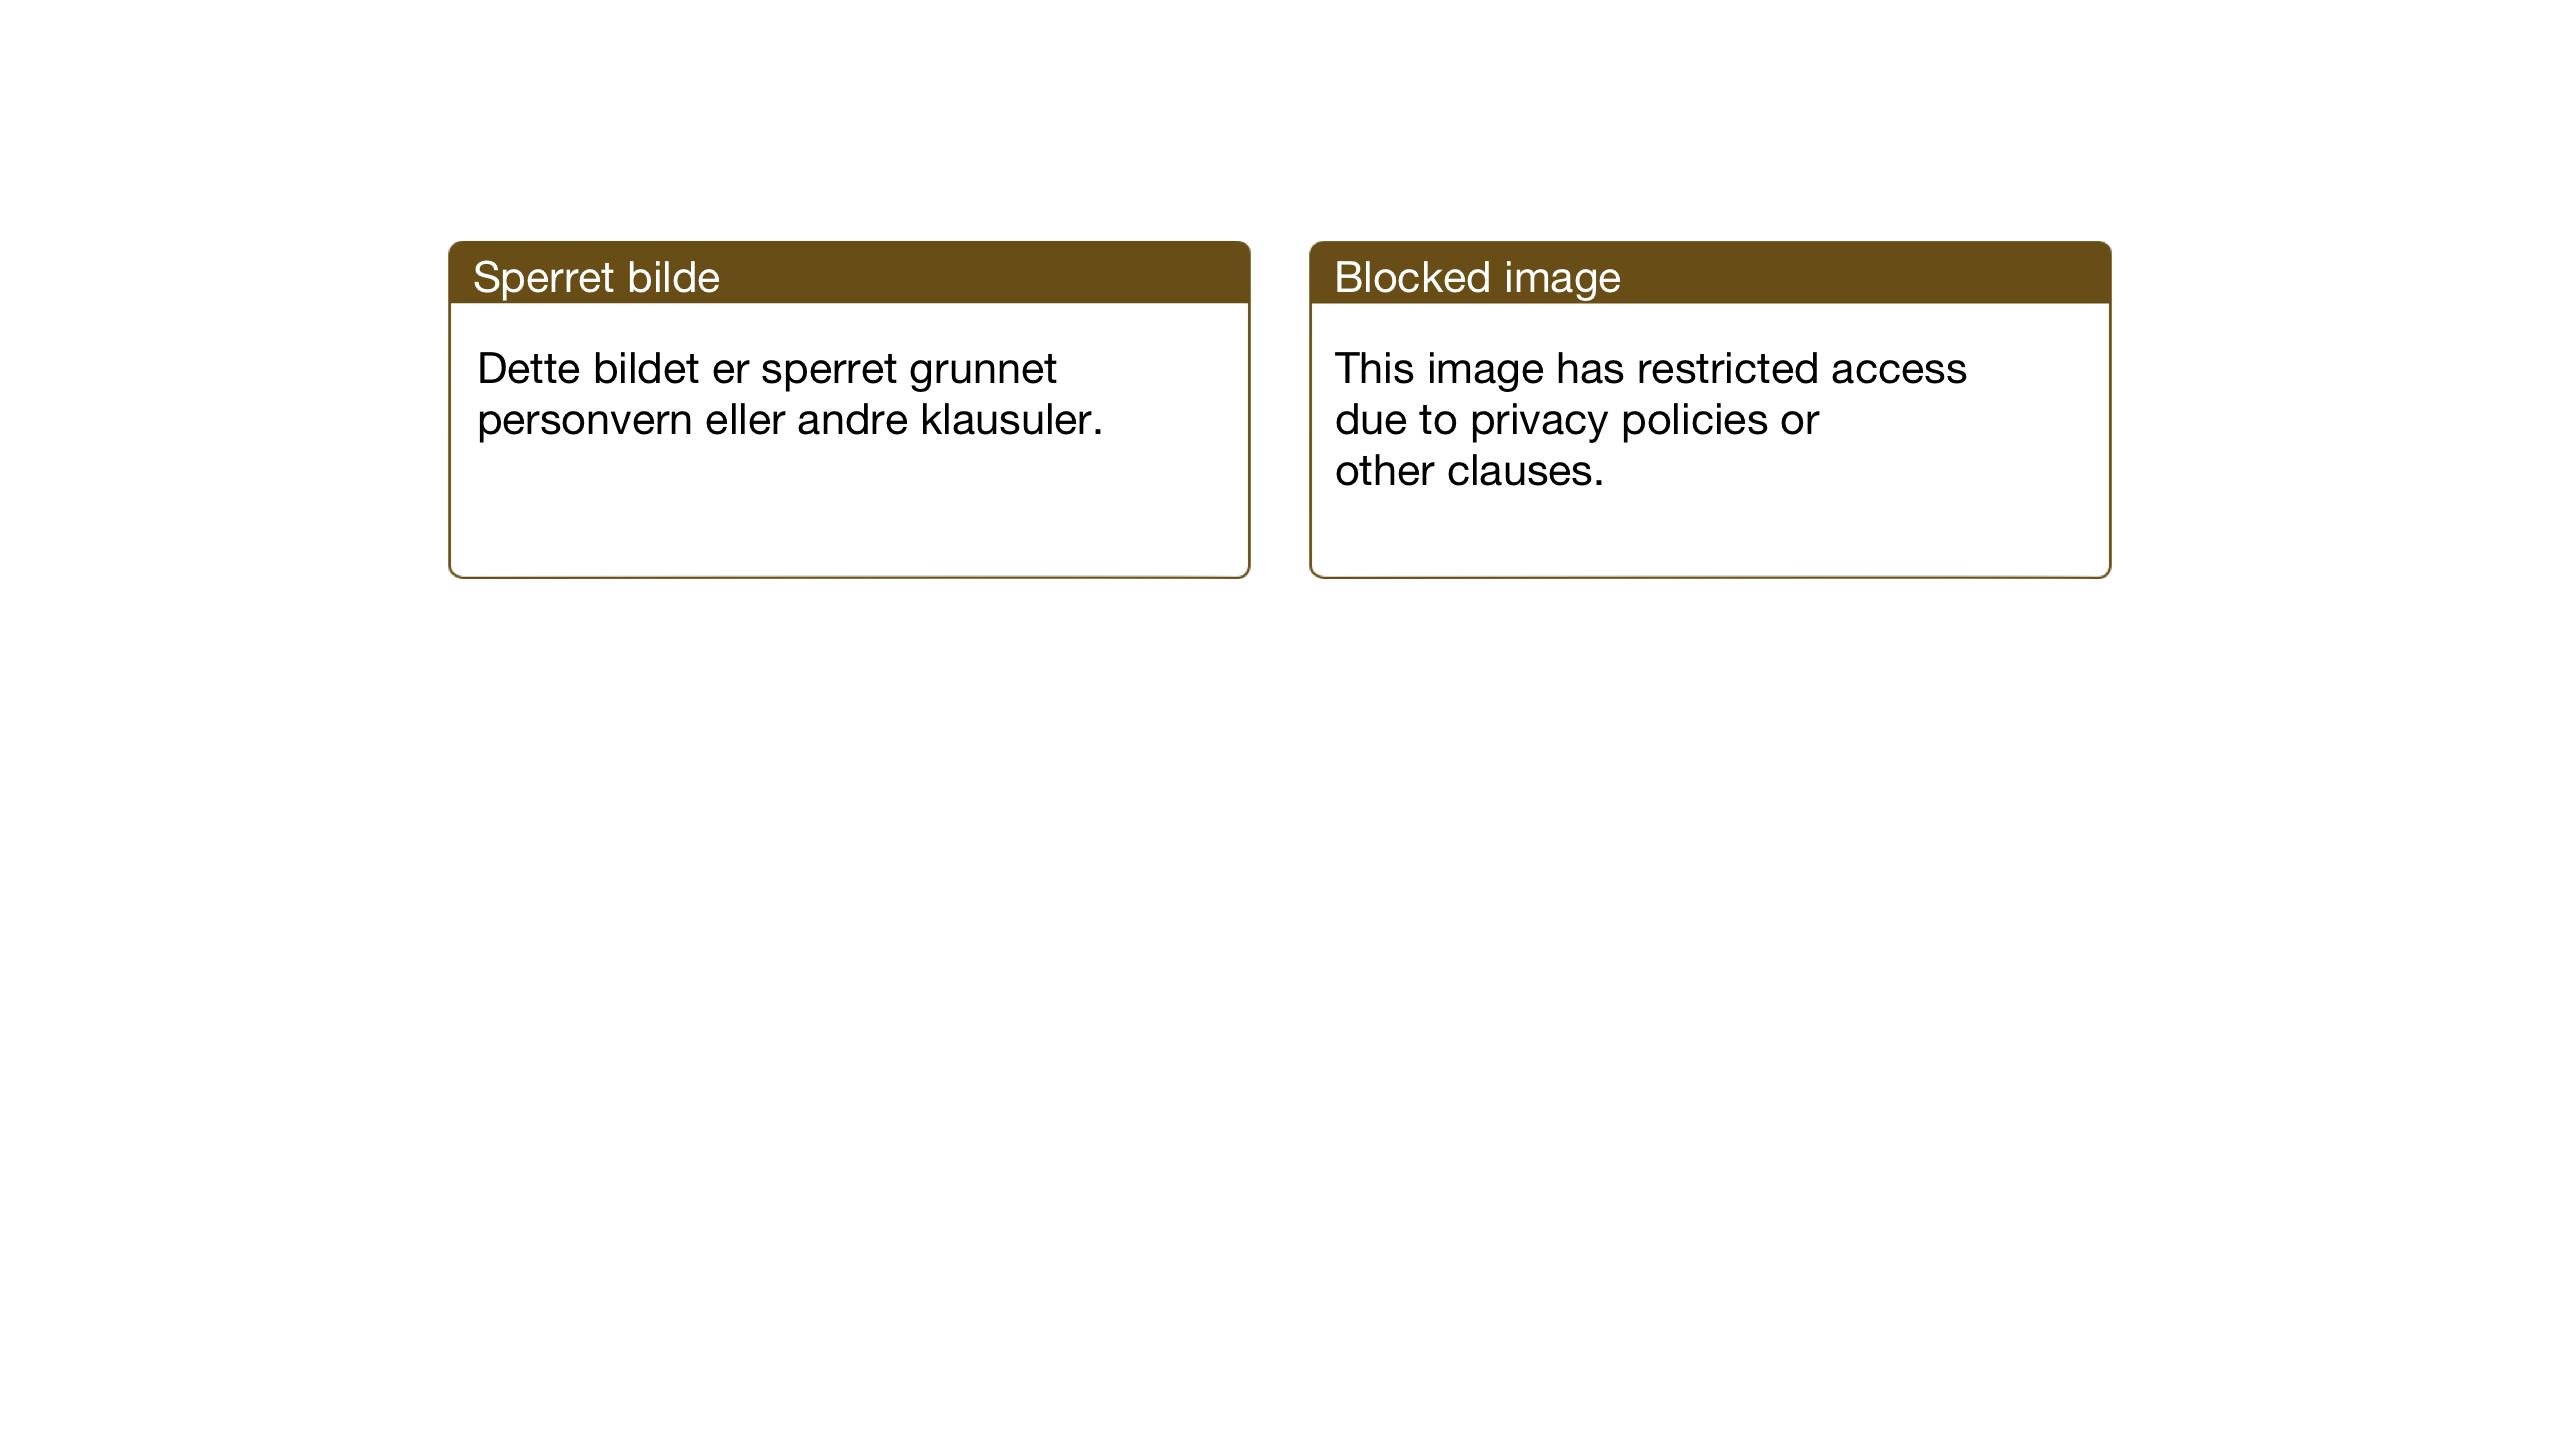 SAT, Ministerialprotokoller, klokkerbøker og fødselsregistre - Sør-Trøndelag, 611/L0356: Klokkerbok nr. 611C04, 1914-1938, s. 64